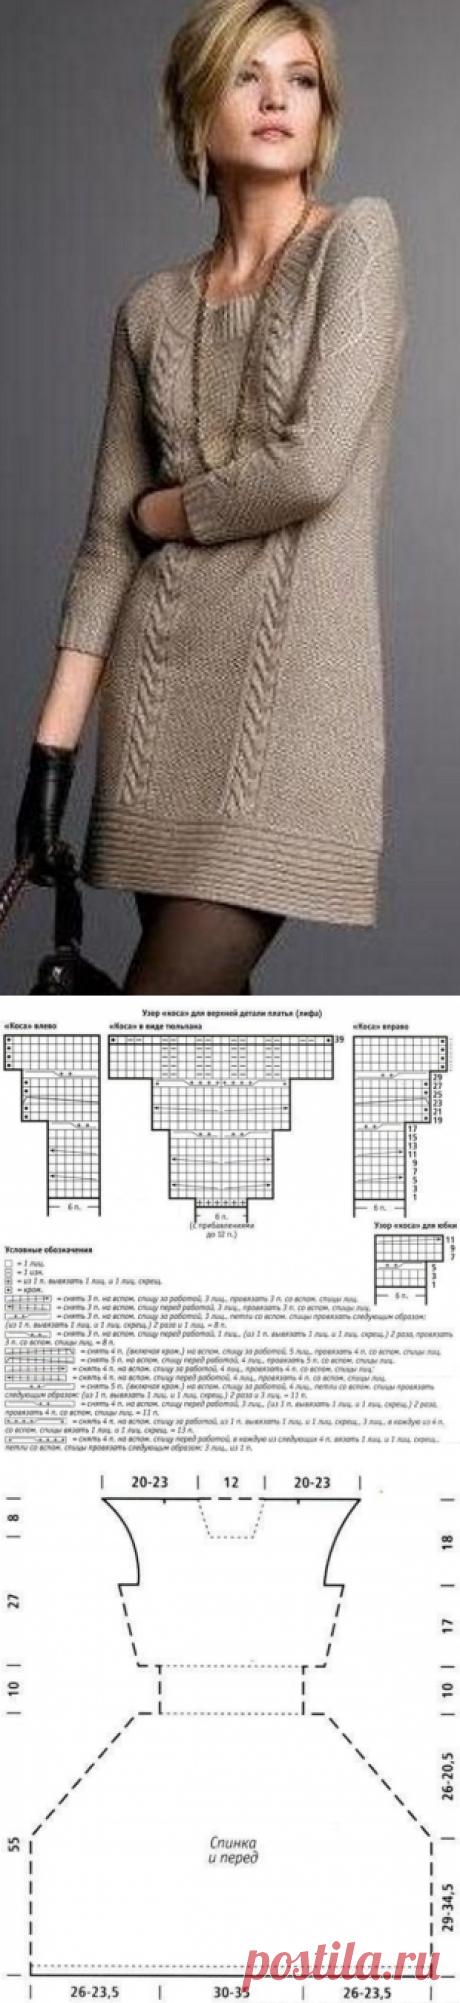 Офисные платья спицами